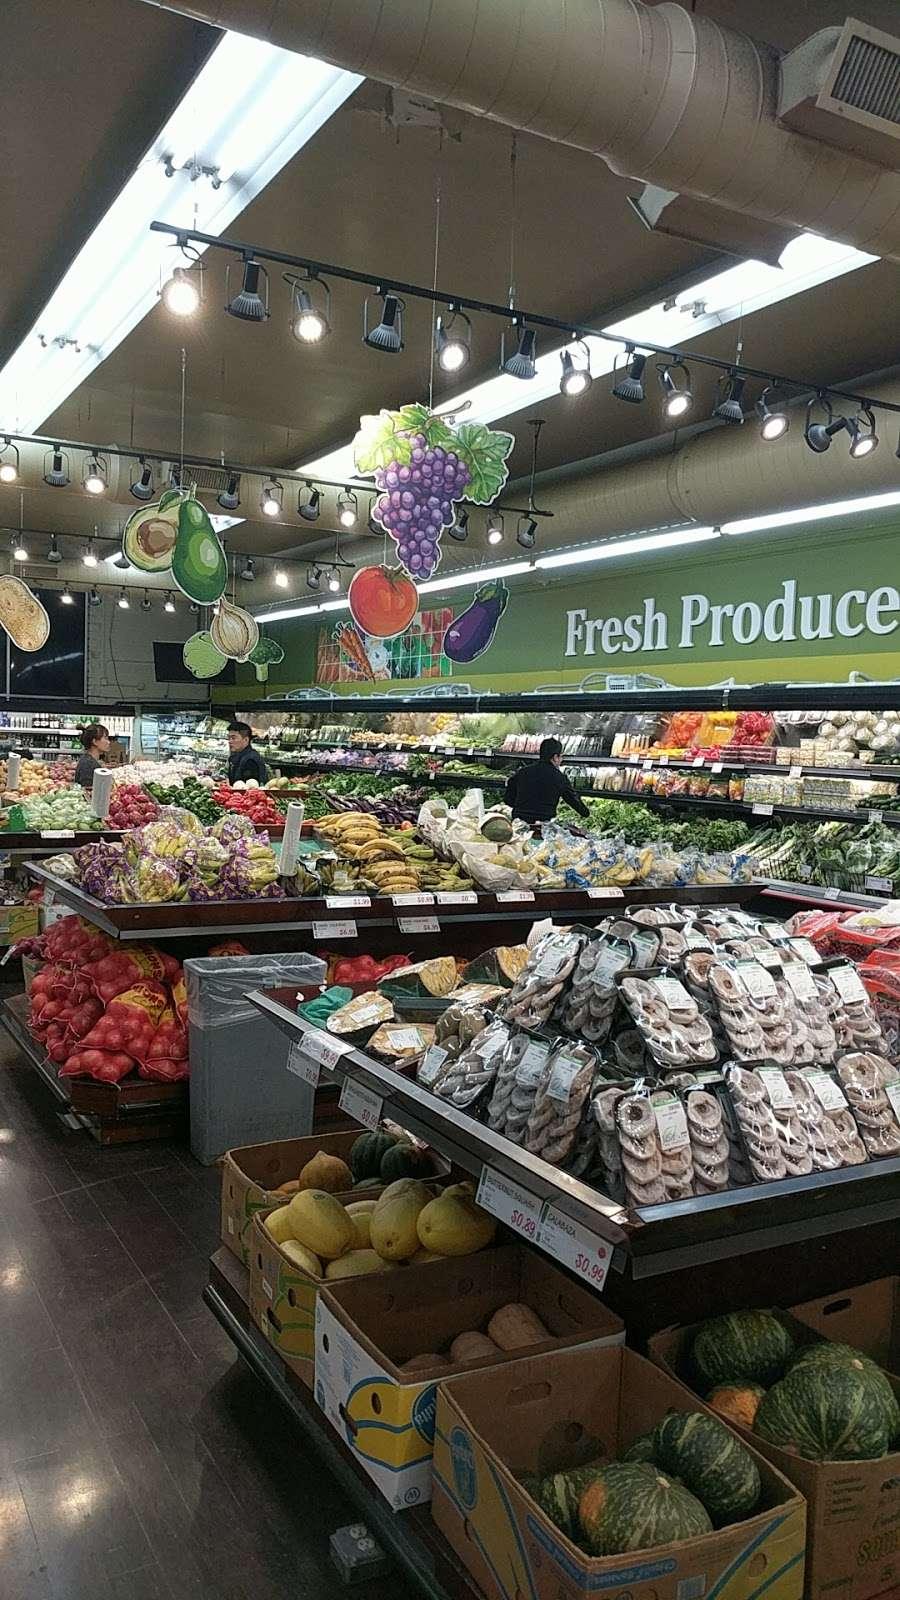 H Mart Union - supermarket  | Photo 10 of 10 | Address: 29-02 Union St, Flushing, NY 11354, USA | Phone: (718) 445-5656